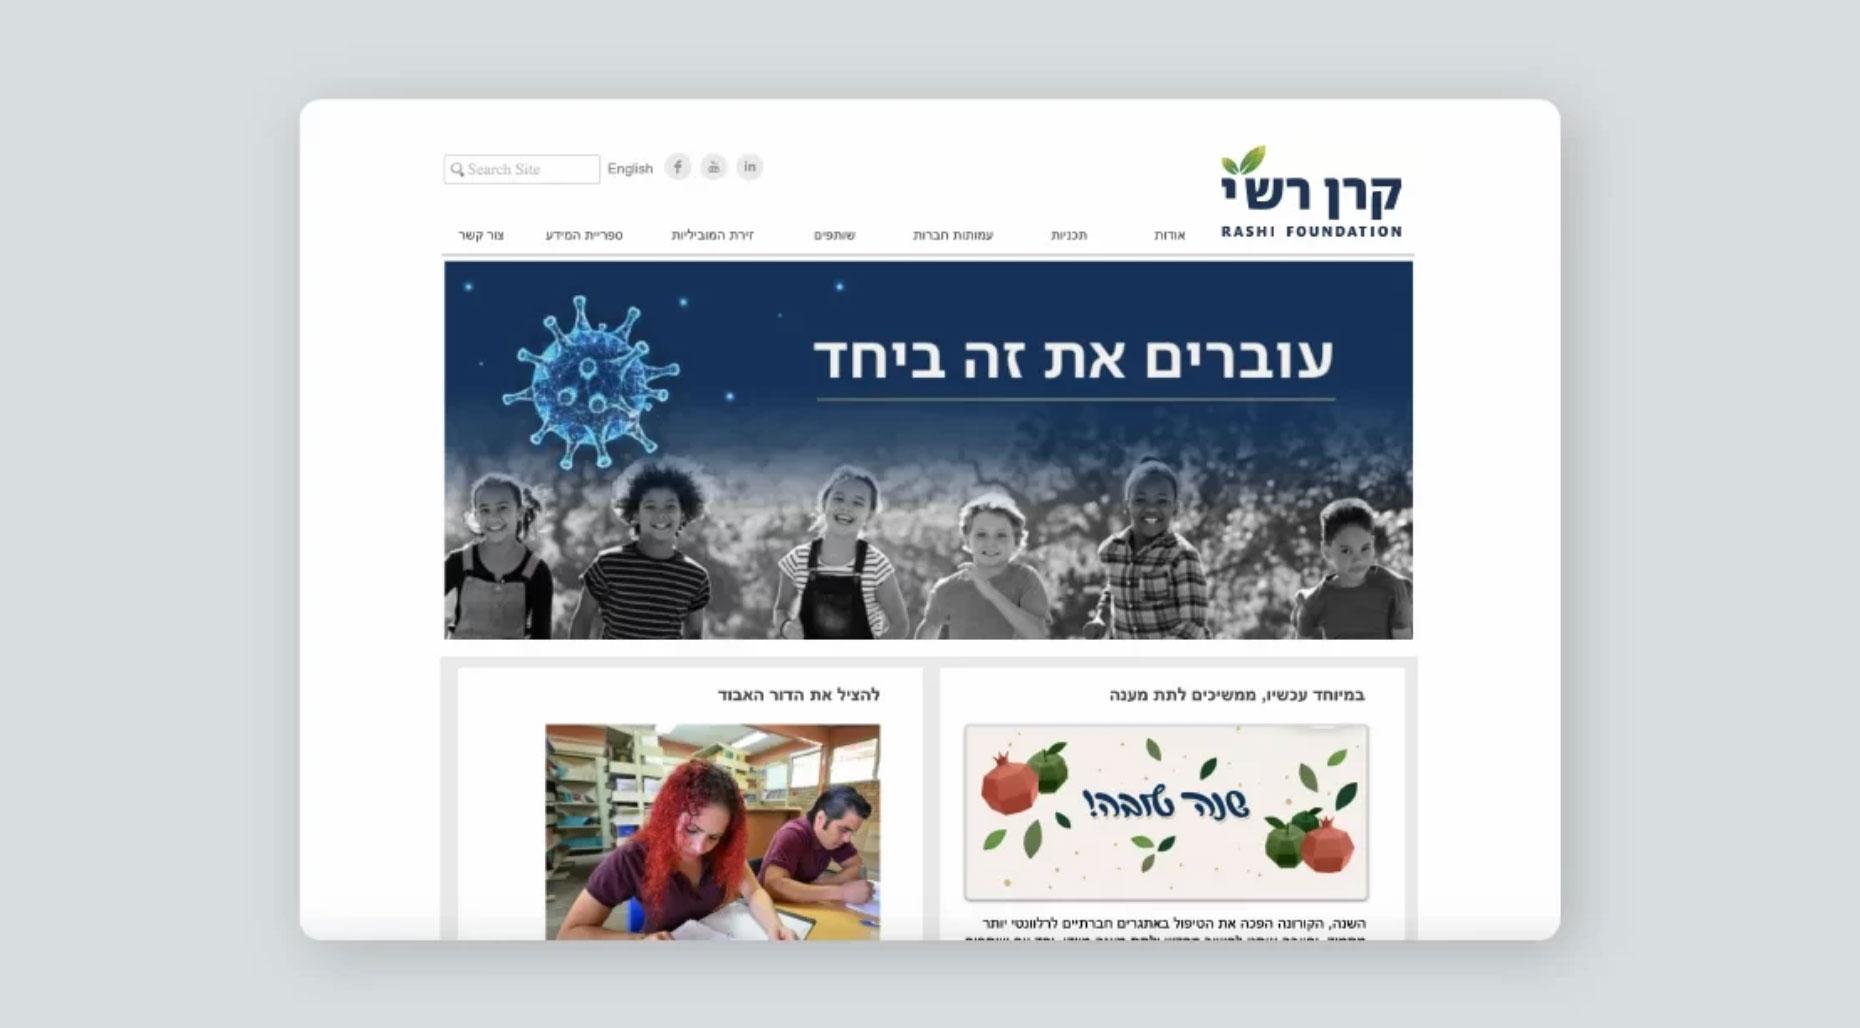 exemple-de-site-internet-traduit-en-hebreux